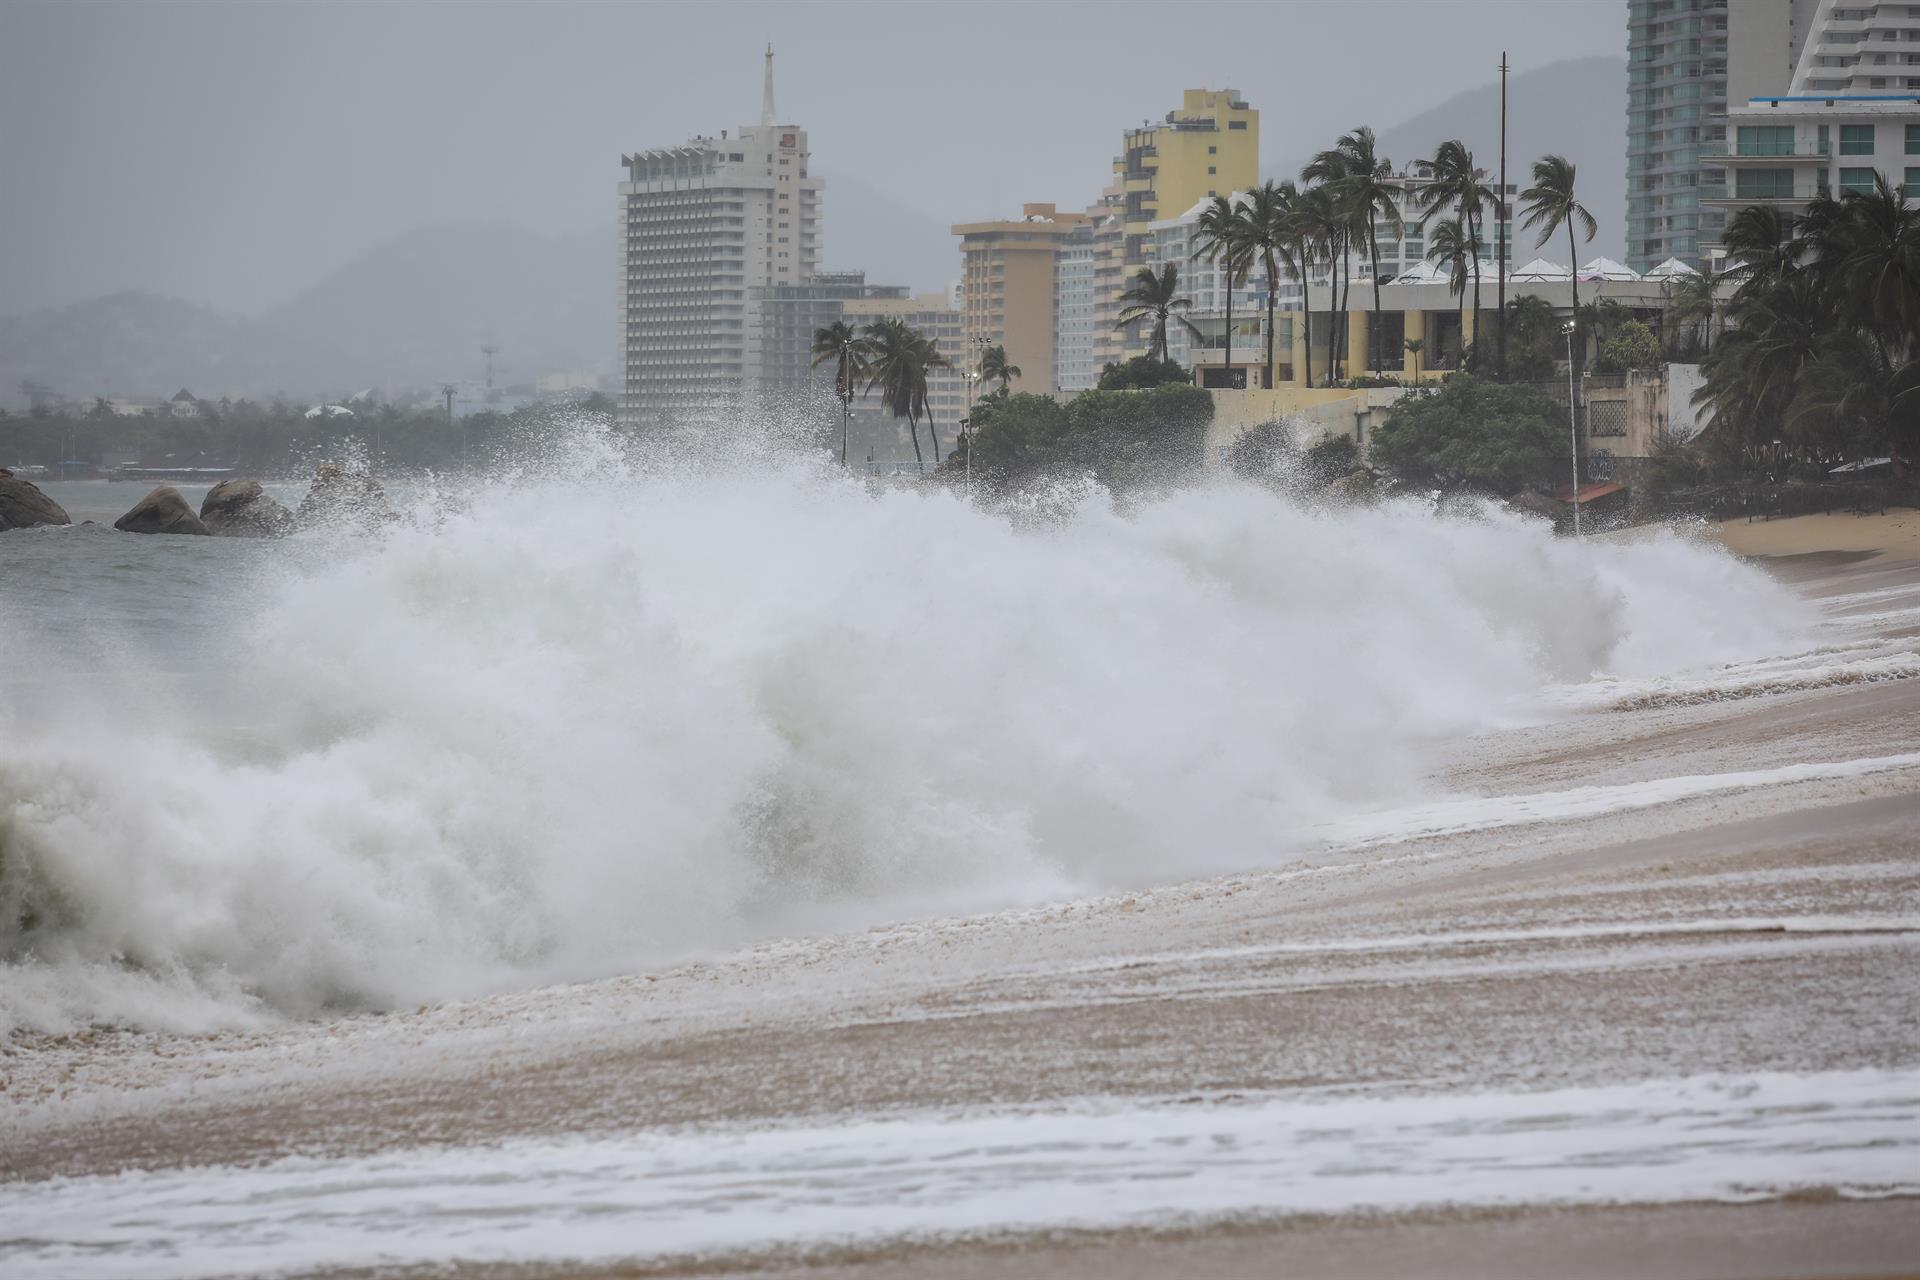 Nora se intensifica a huracán categoría 1; alerta en Jalisco, Nayarit y BCS